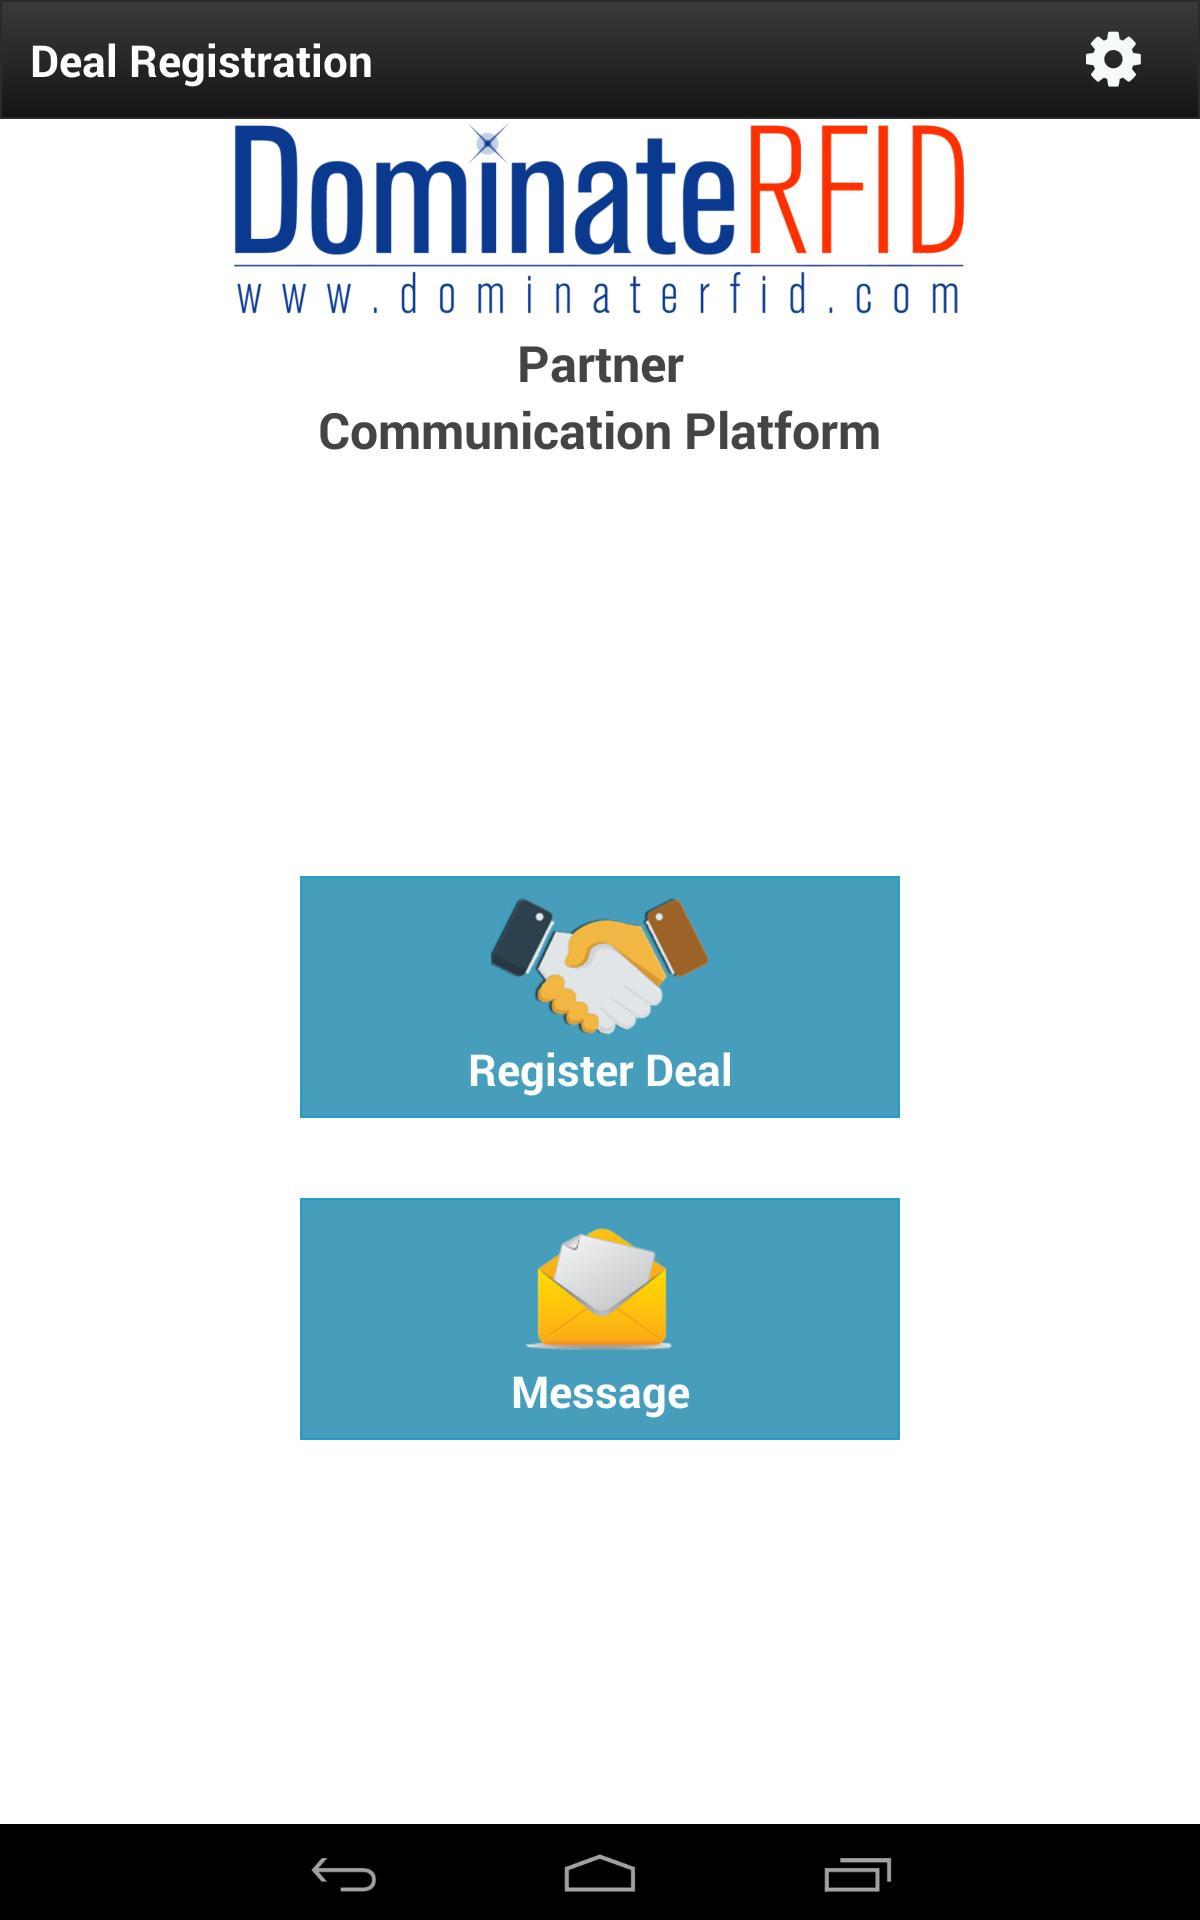 DominateRFID Partner Communication Platform poster